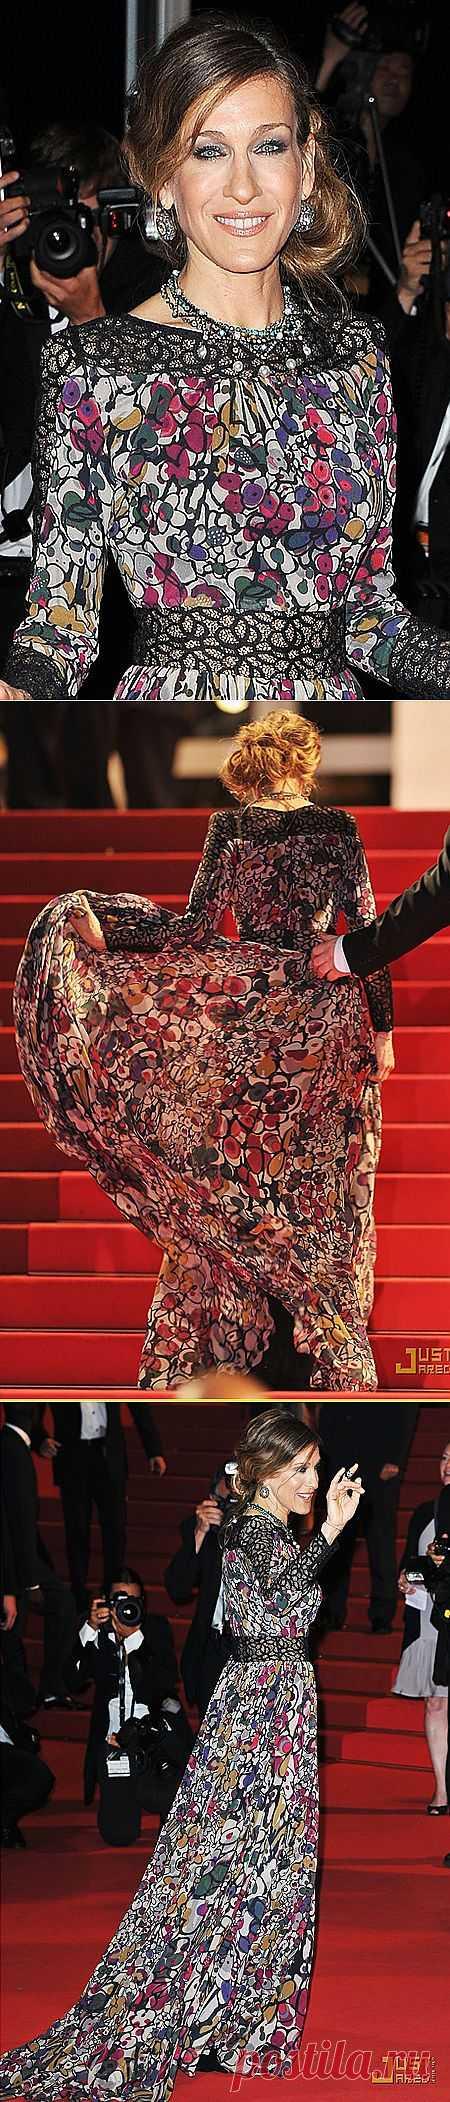 Платье Сары Джессики Паркер / Звездный стиль / Модный сайт о стильной переделке одежды и интерьера